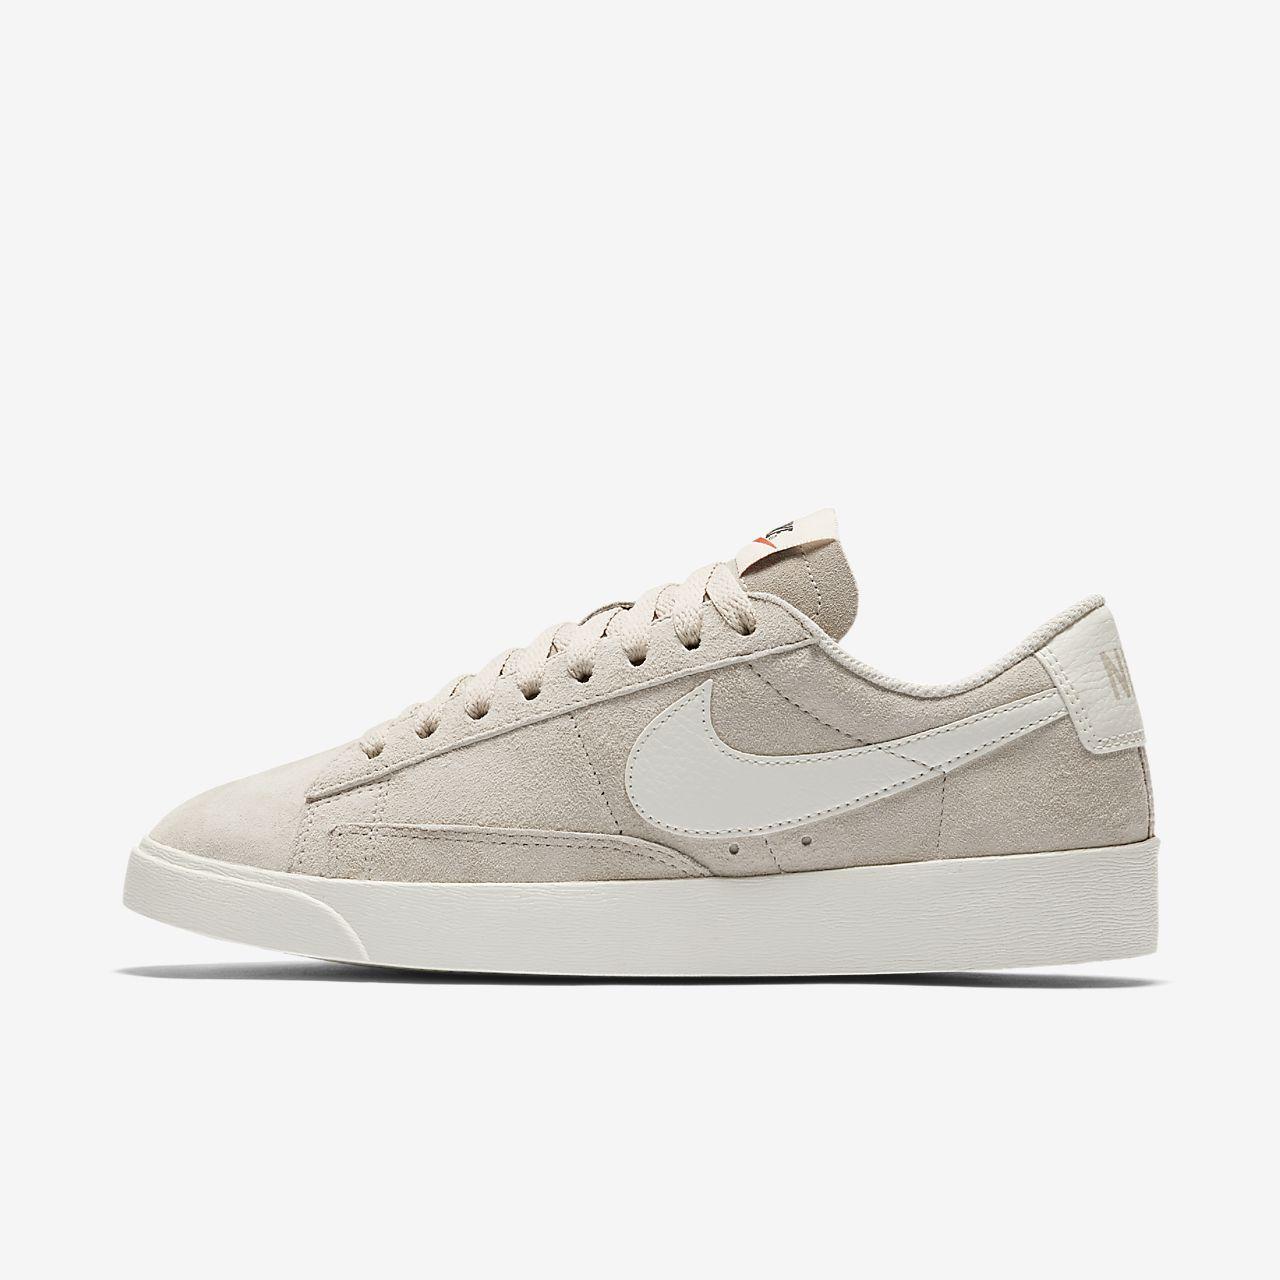 Suede shoes women, Nike blazer